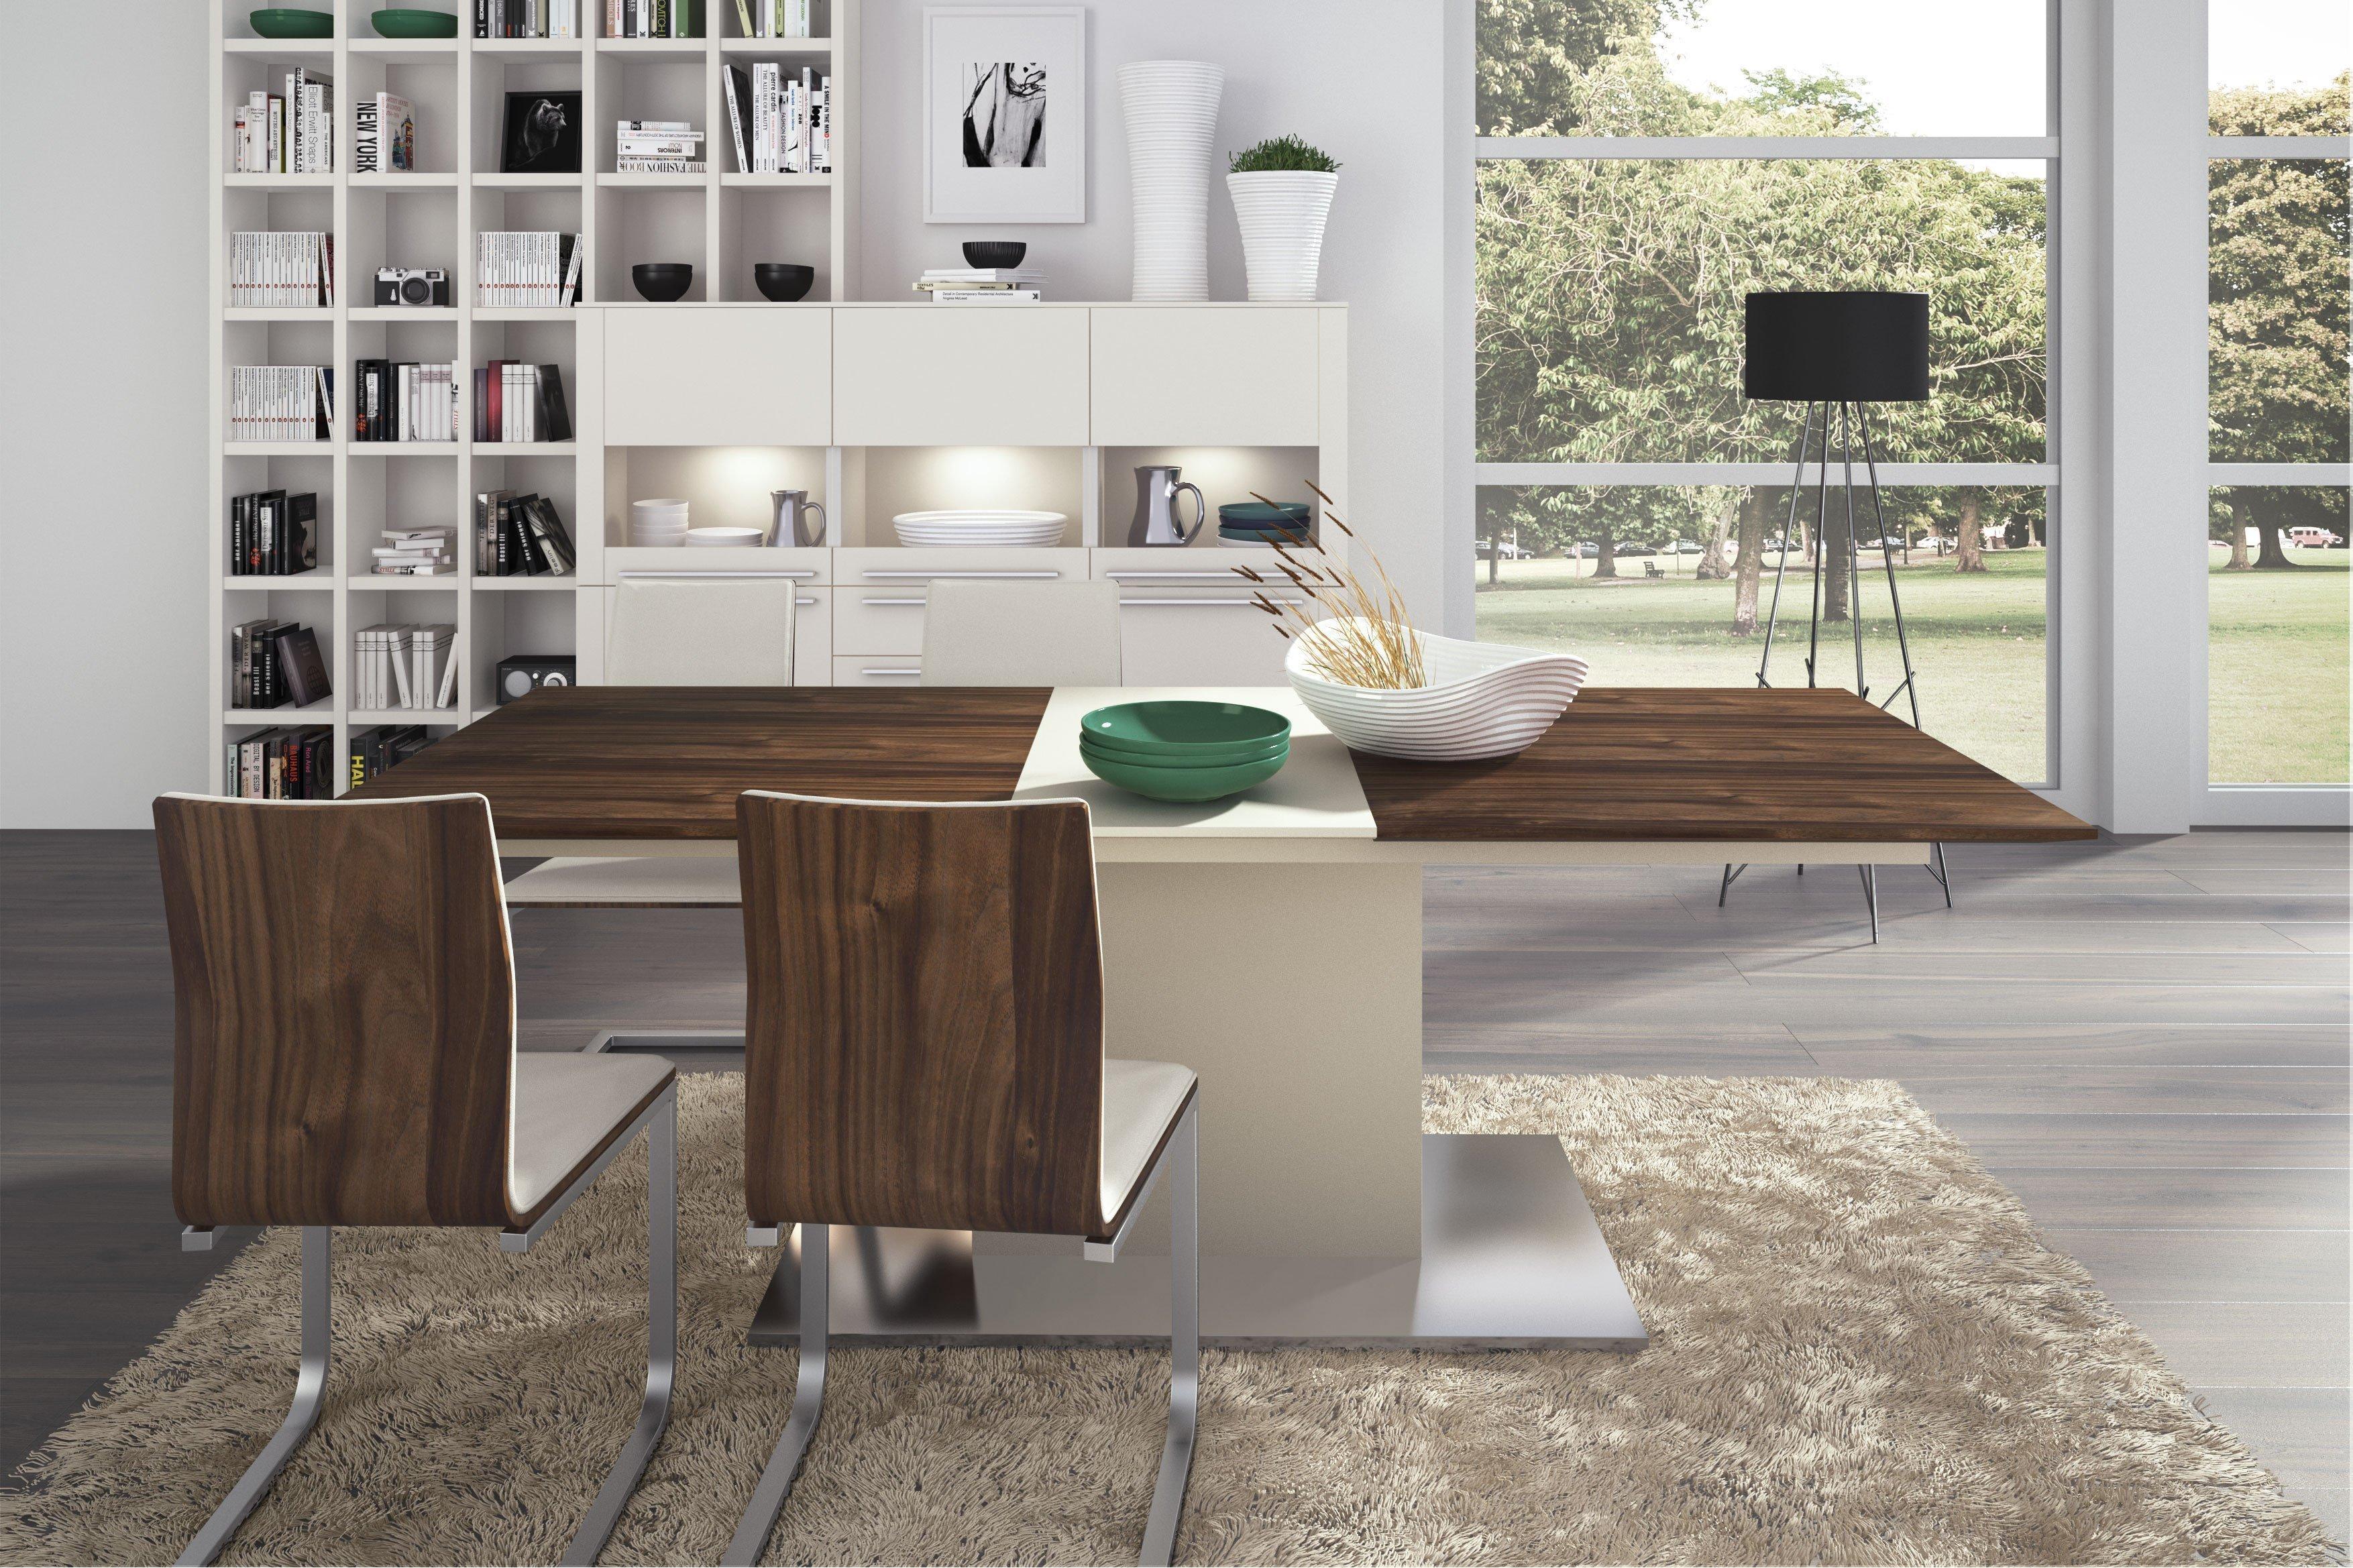 esstisch nussbaum wei esstisch wei matt ausziehbar fantastisch esstisch nussbaum wei perfect. Black Bedroom Furniture Sets. Home Design Ideas